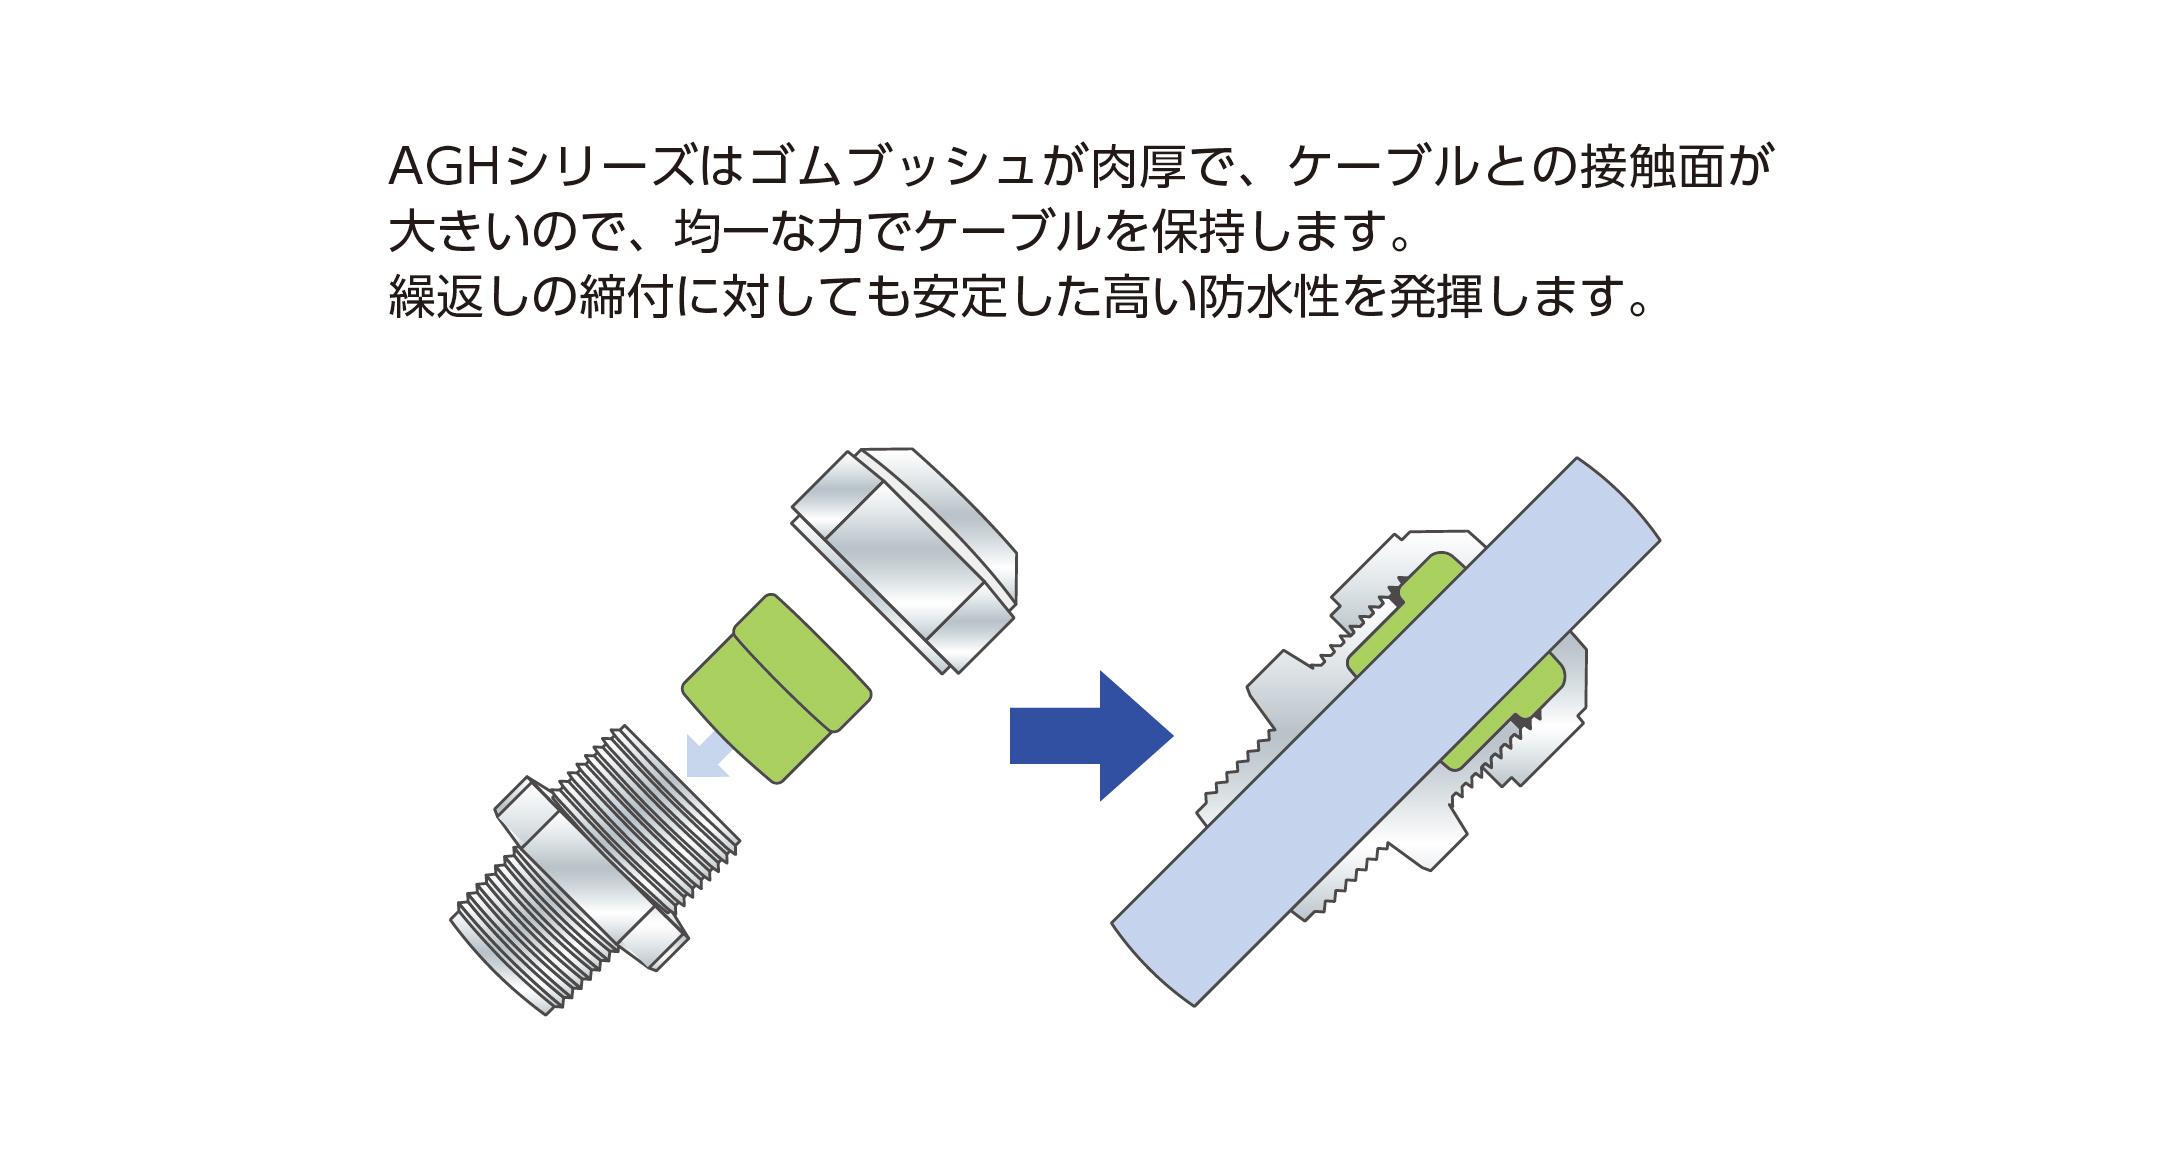 耐熱メタルケーブルグランド AGHシリ-ズの画像